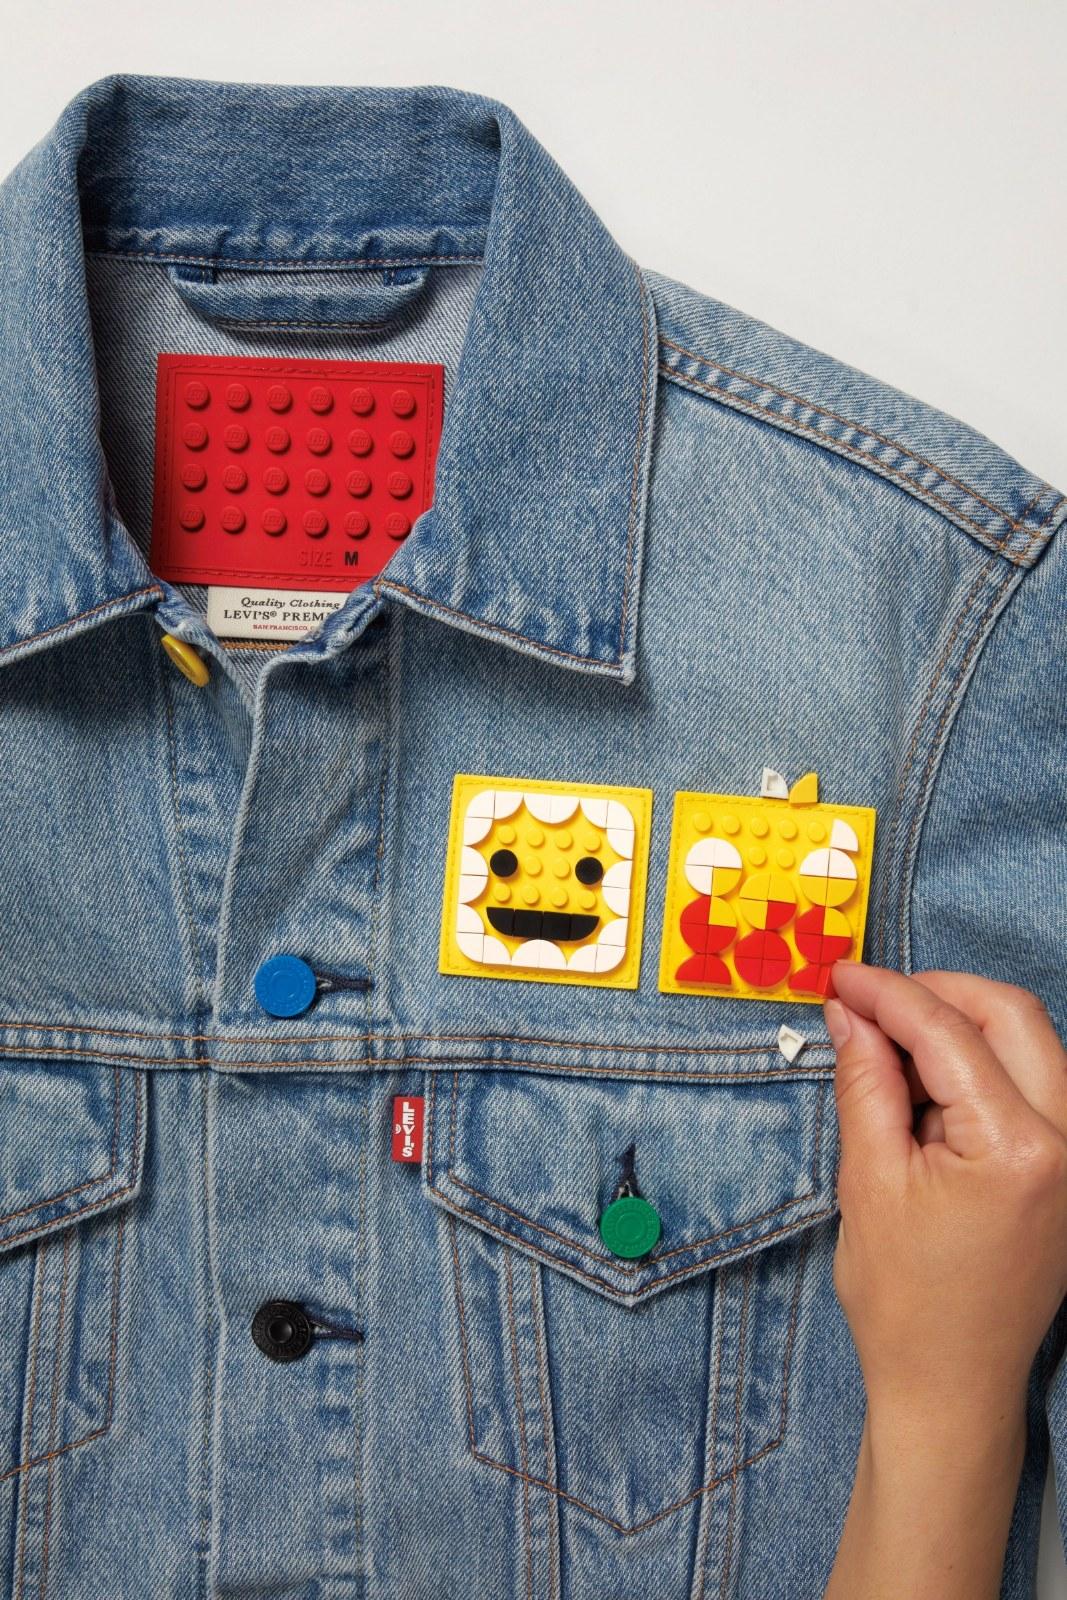 LEGO X Levis Kollektion Dots (10)